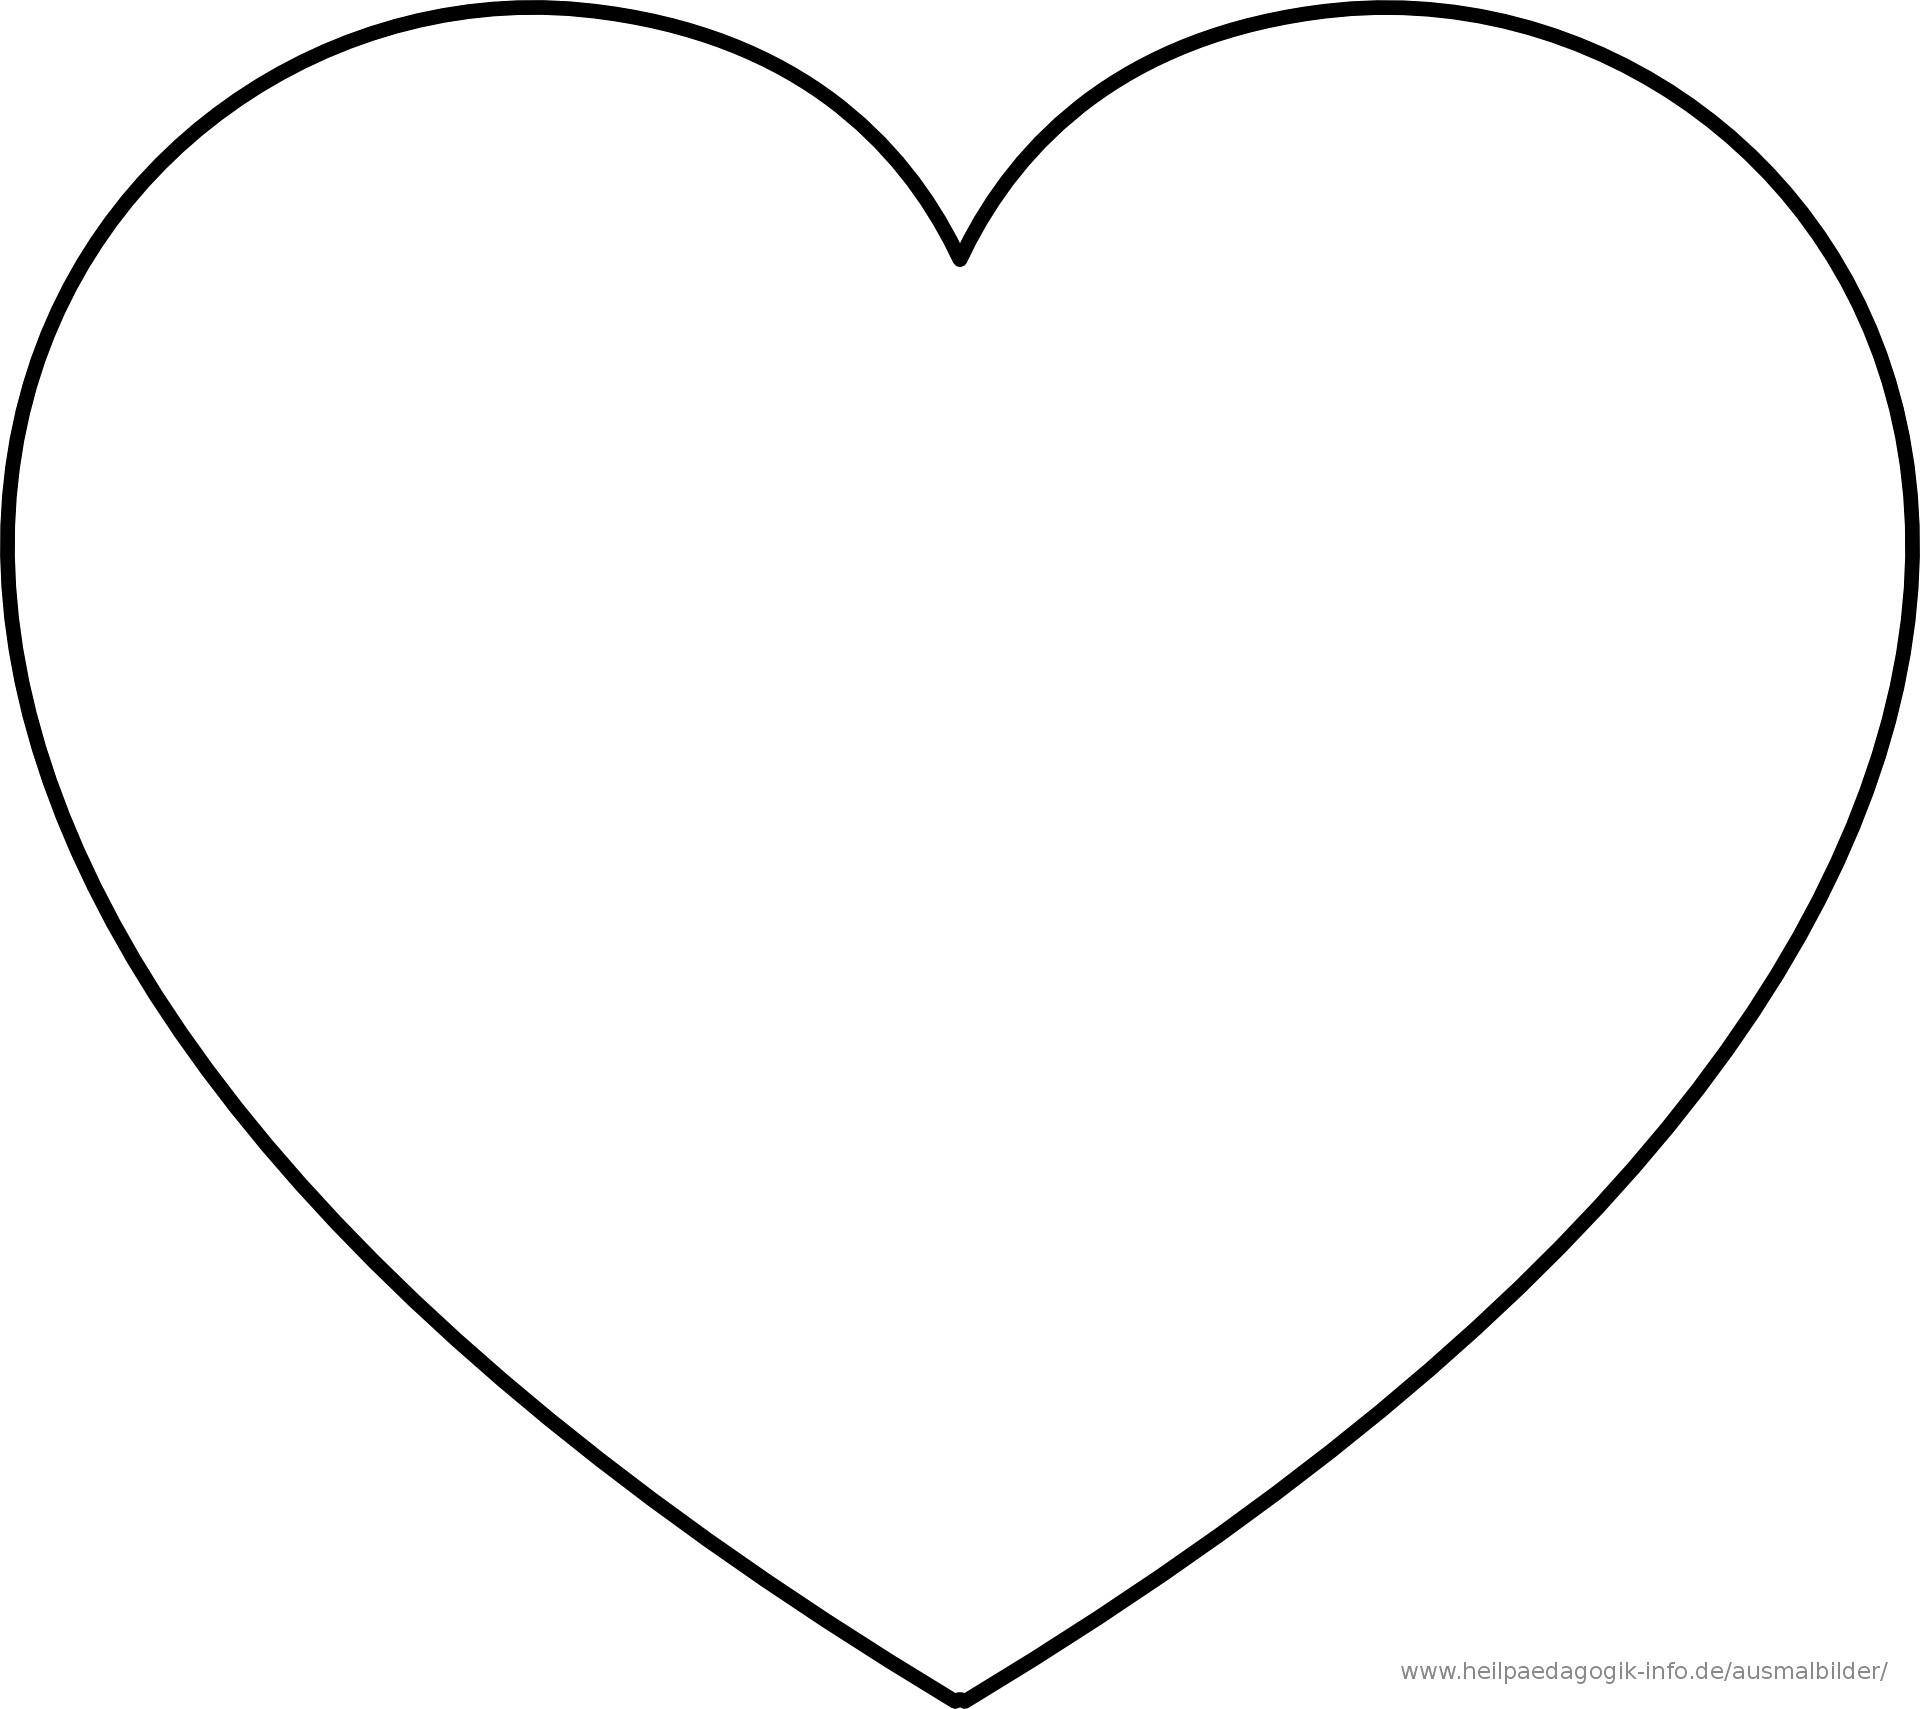 Herz Bilder Zum Ausmalen Neu Herz Malen Vorlage Bilder Ideen Fotografieren